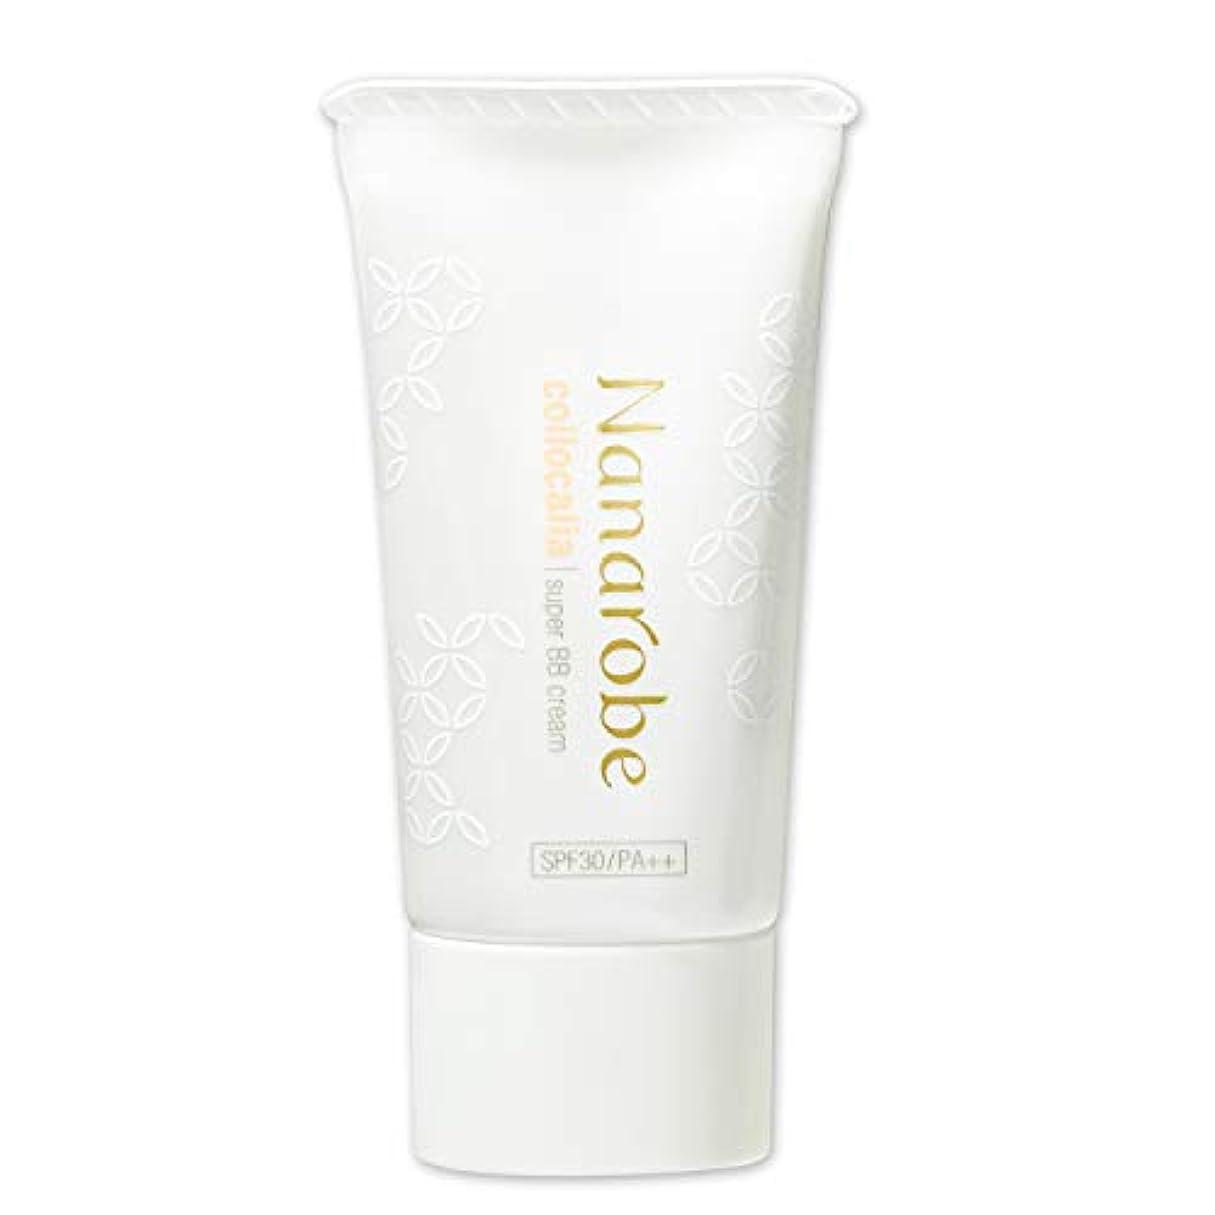 ソフトウェアスプリット不愉快にナナローブ (Nanarobe) BBクリーム 化粧下地 ファンデーション コロカリア UV SPF30 PA++ 30g